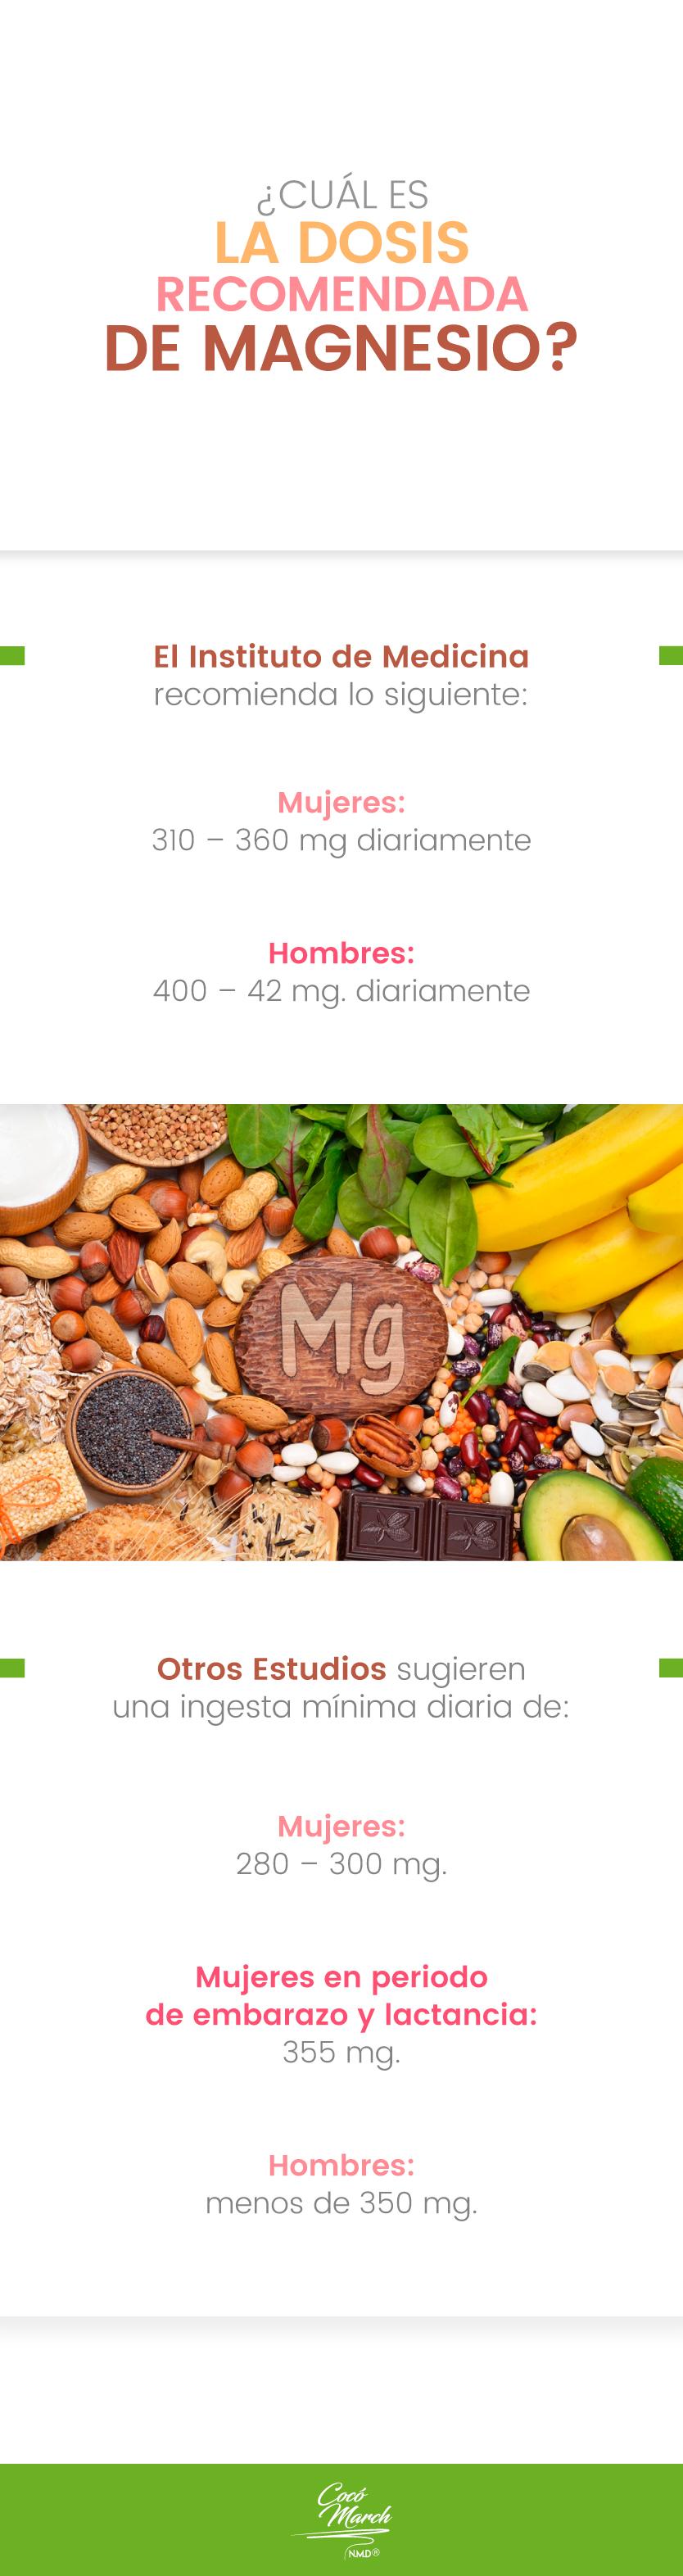 dosis-recomendada-de-magnesio